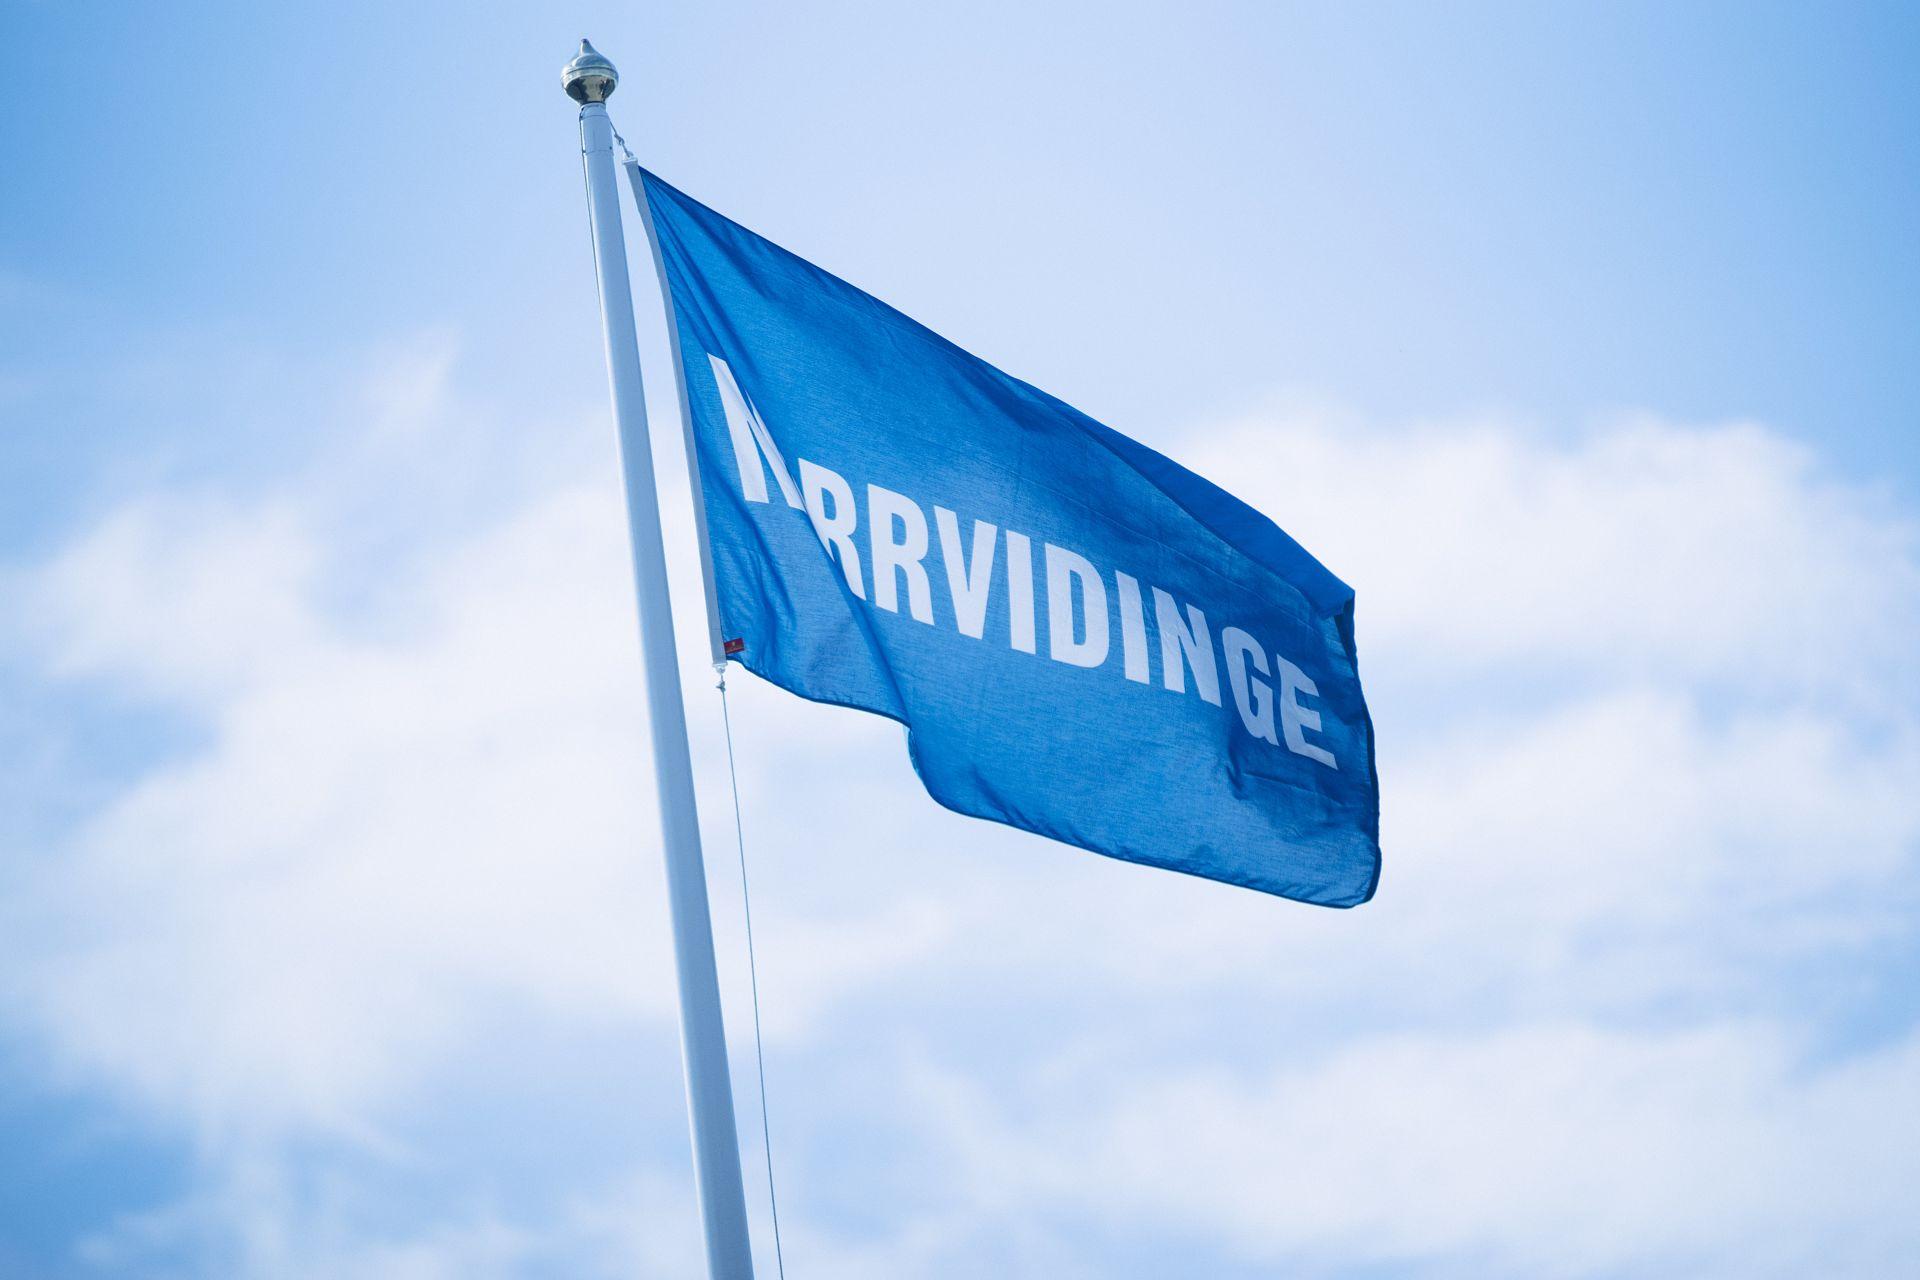 Norrvidinge flagga